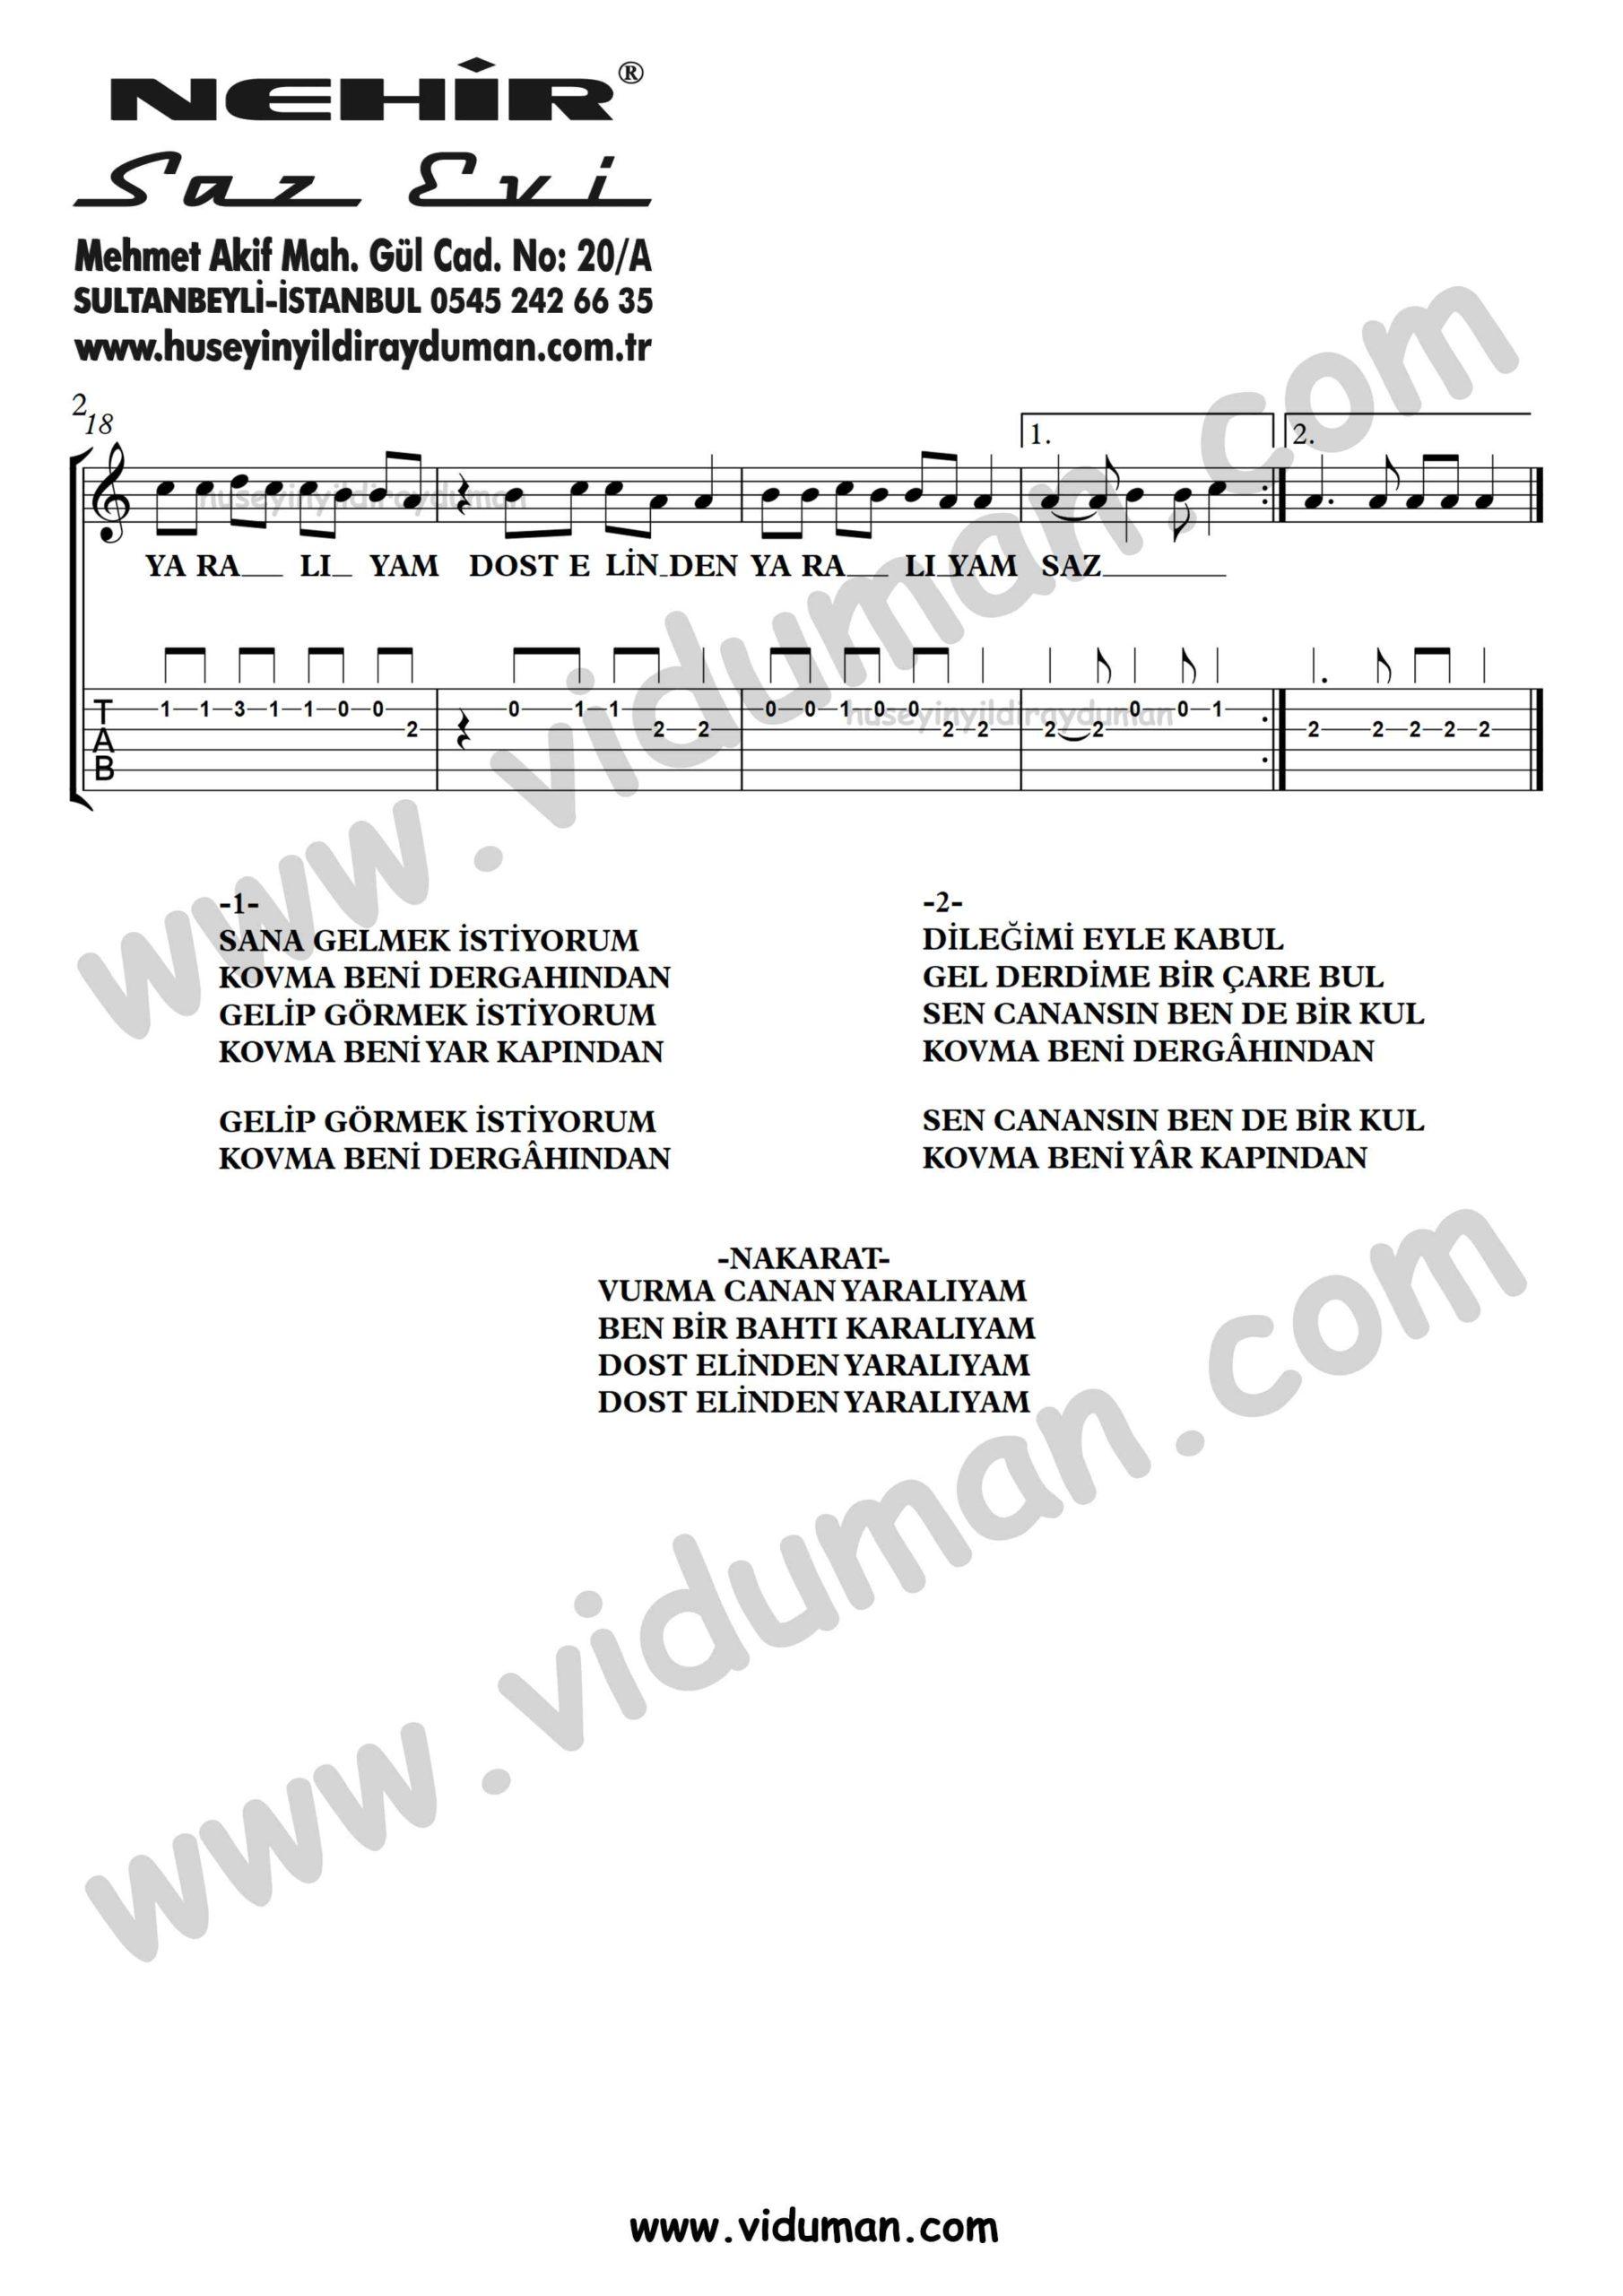 Sana Gelmek Istiyorum_2-Ahmet Kaya-Gitar Tab-Solo Notalari